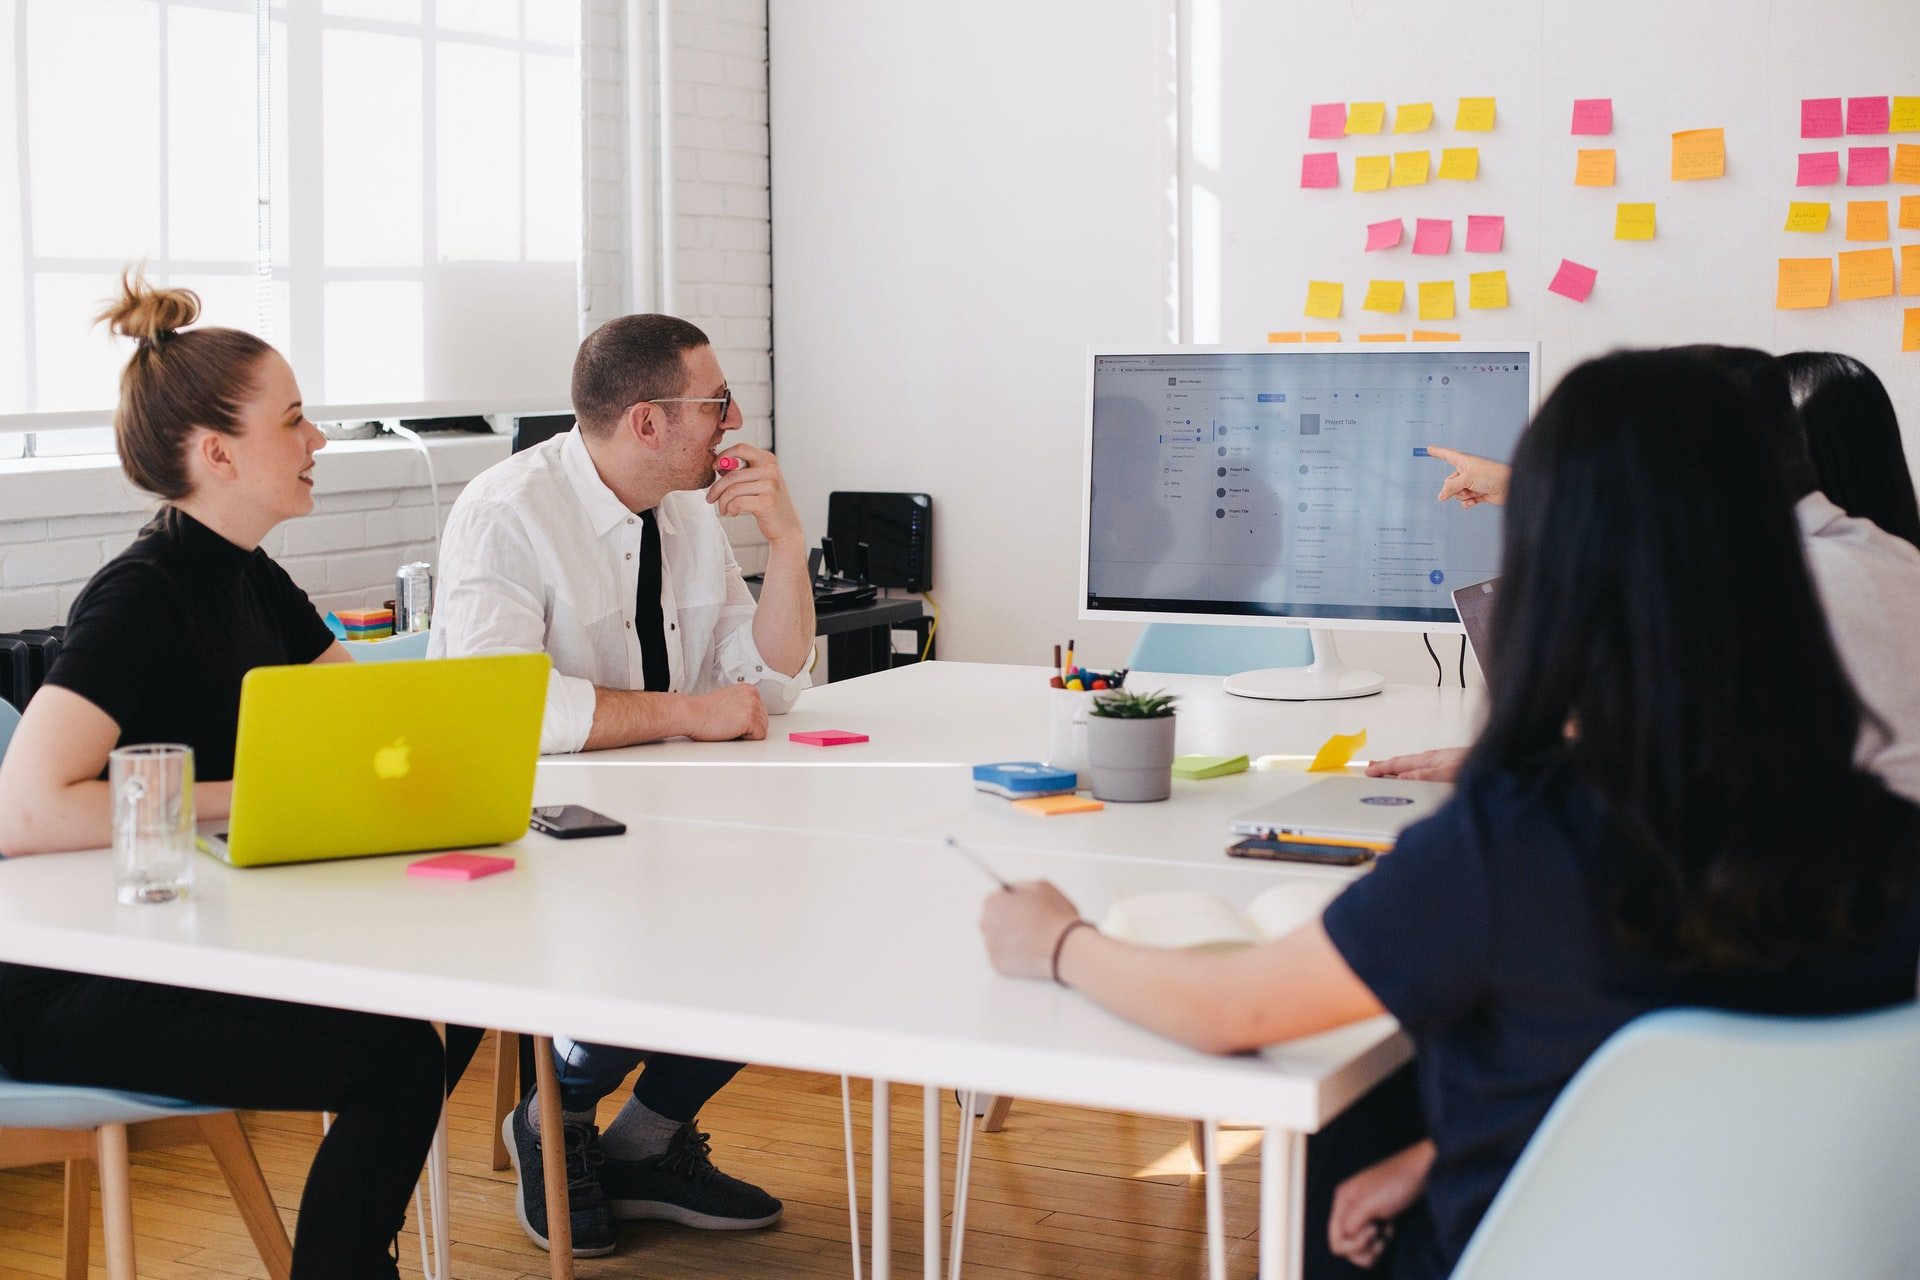 Discovery workshop pomůže nastartovat webový projekt, aby přinášel výsledky